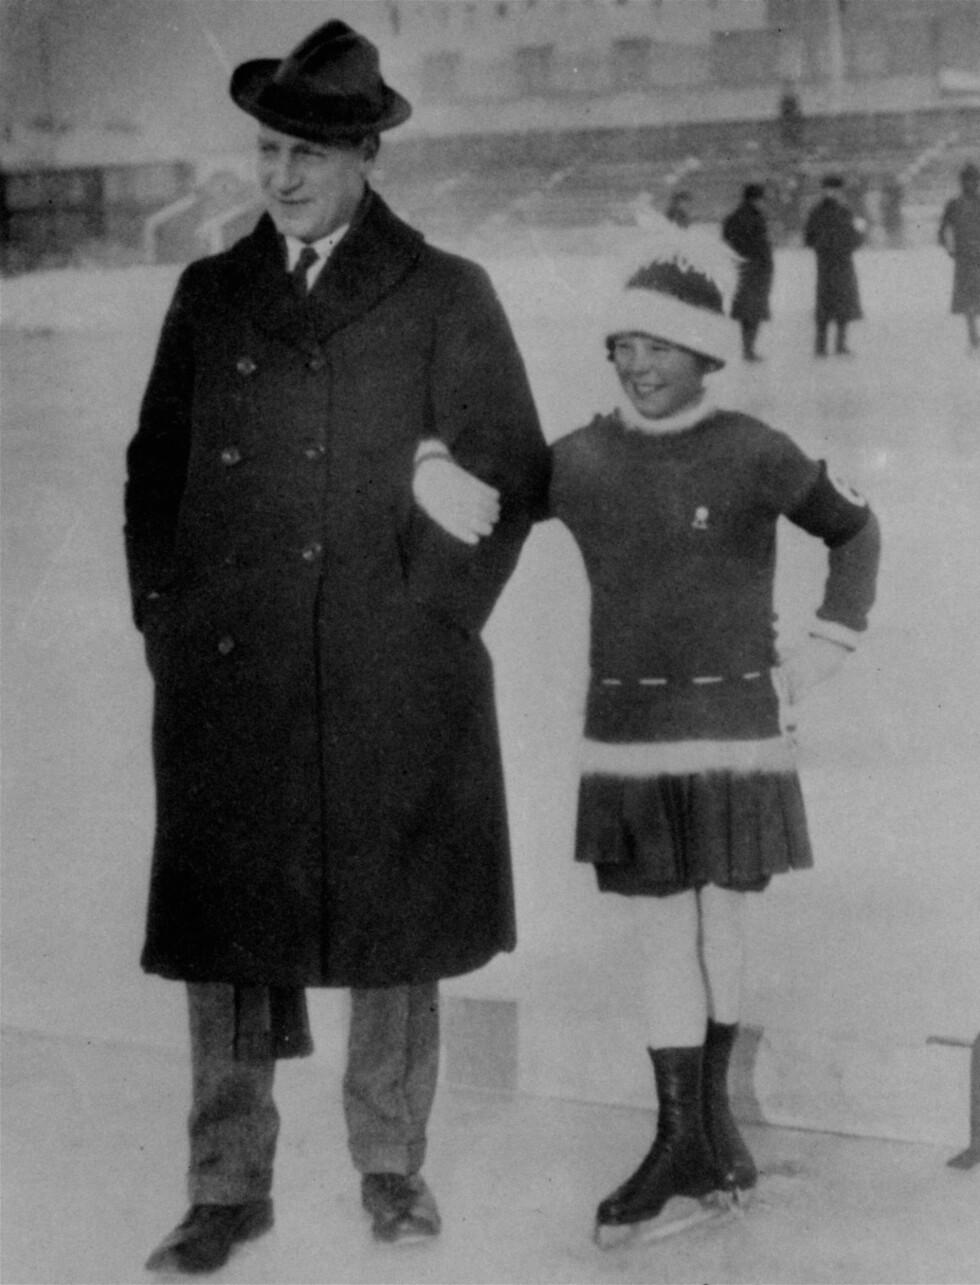 TIDLIG KRØKES: Sonja Henie med olympisk mester og prisidenten av det internasjonale skøyteforbundet Ulrich Salchow i Wien i 1925.    Foto: NTB scanpix